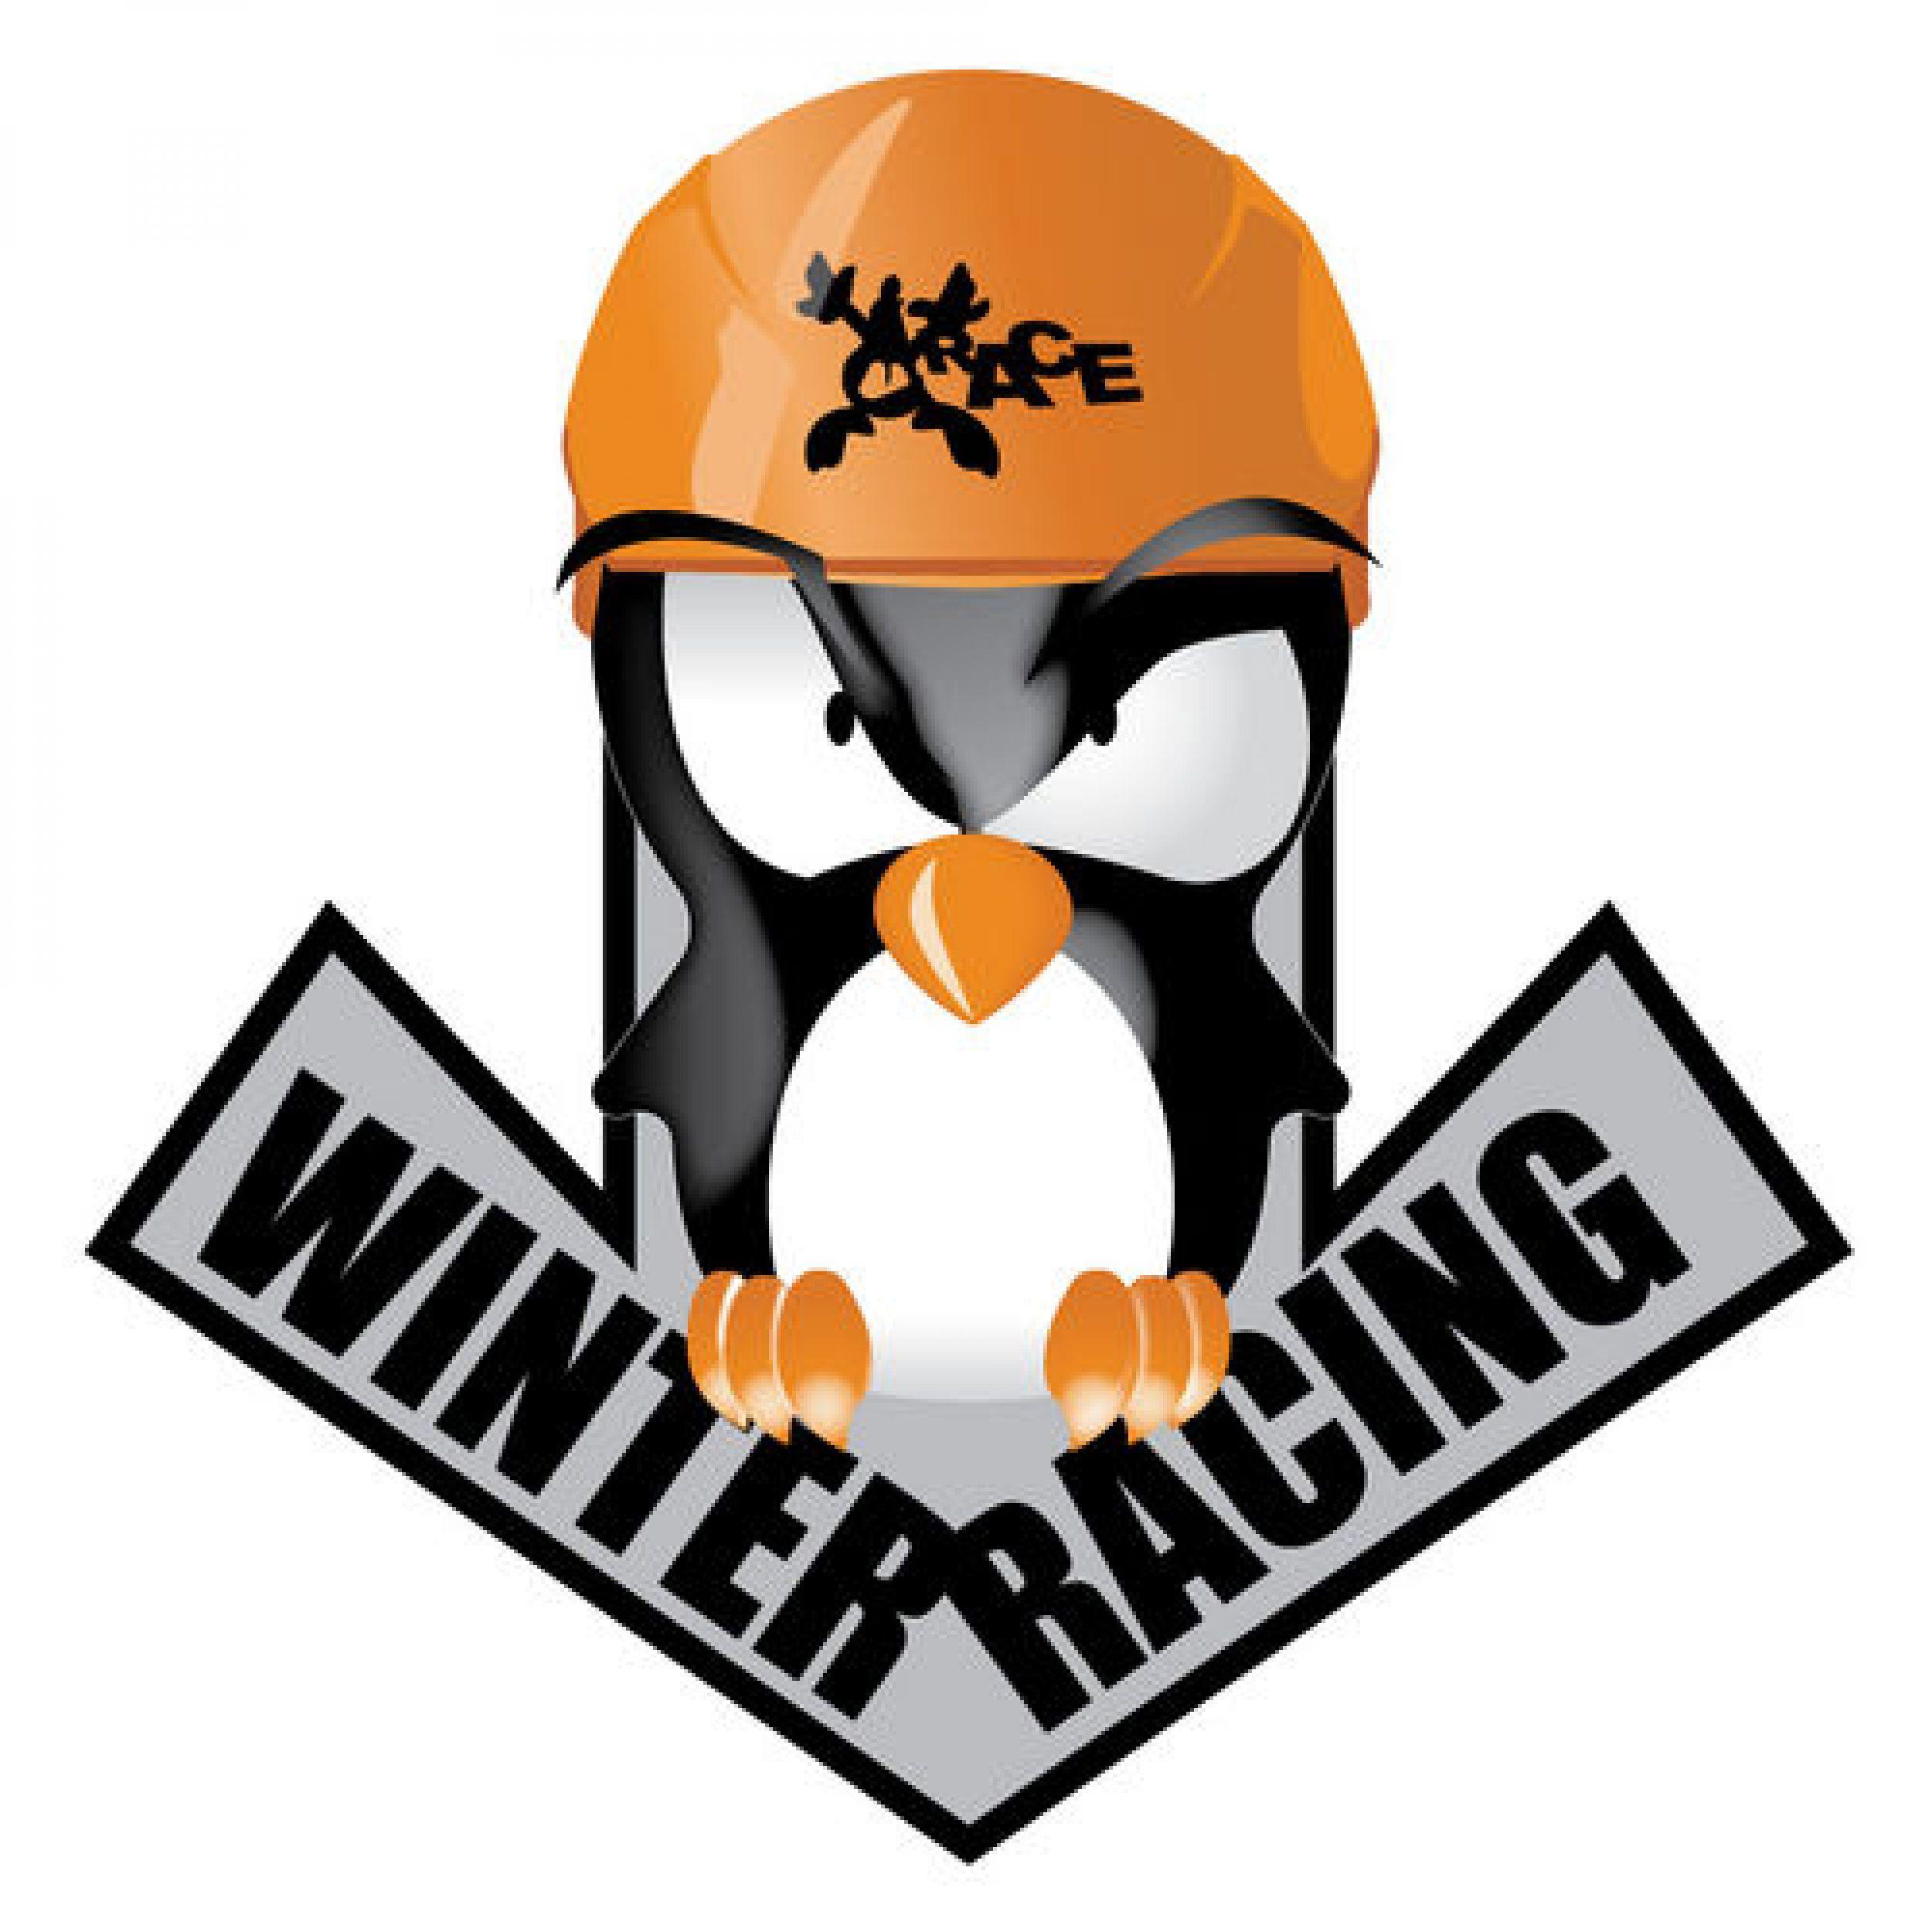 logo-WR_2006.jpg